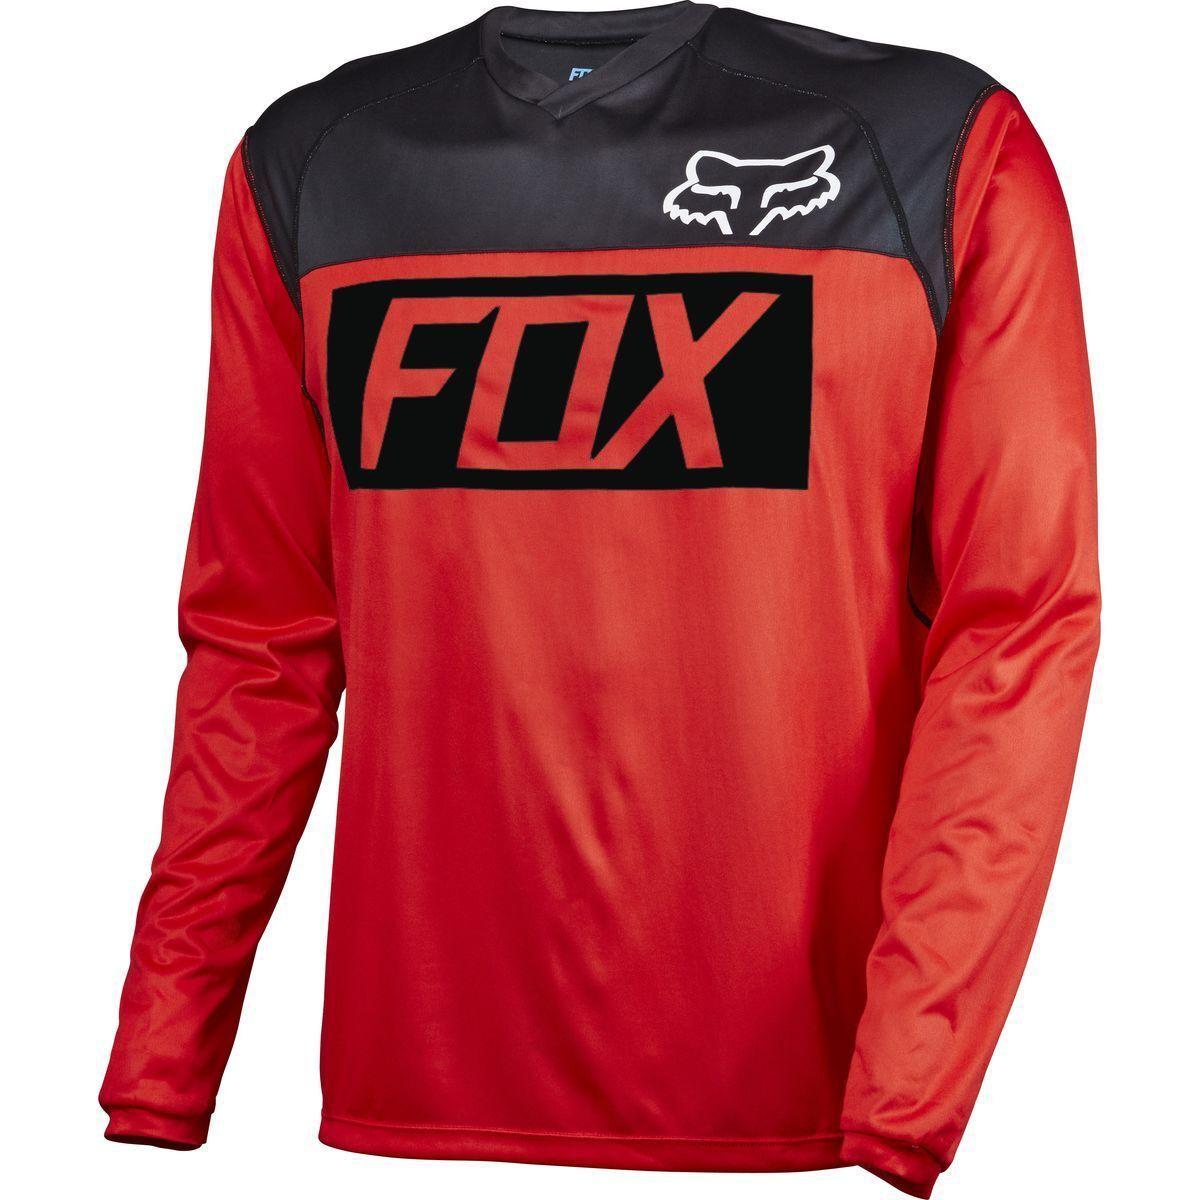 Indicador de Fox Racing De Manga Larga L L L S Jersey Rojo Negro blancooo e4f8d1